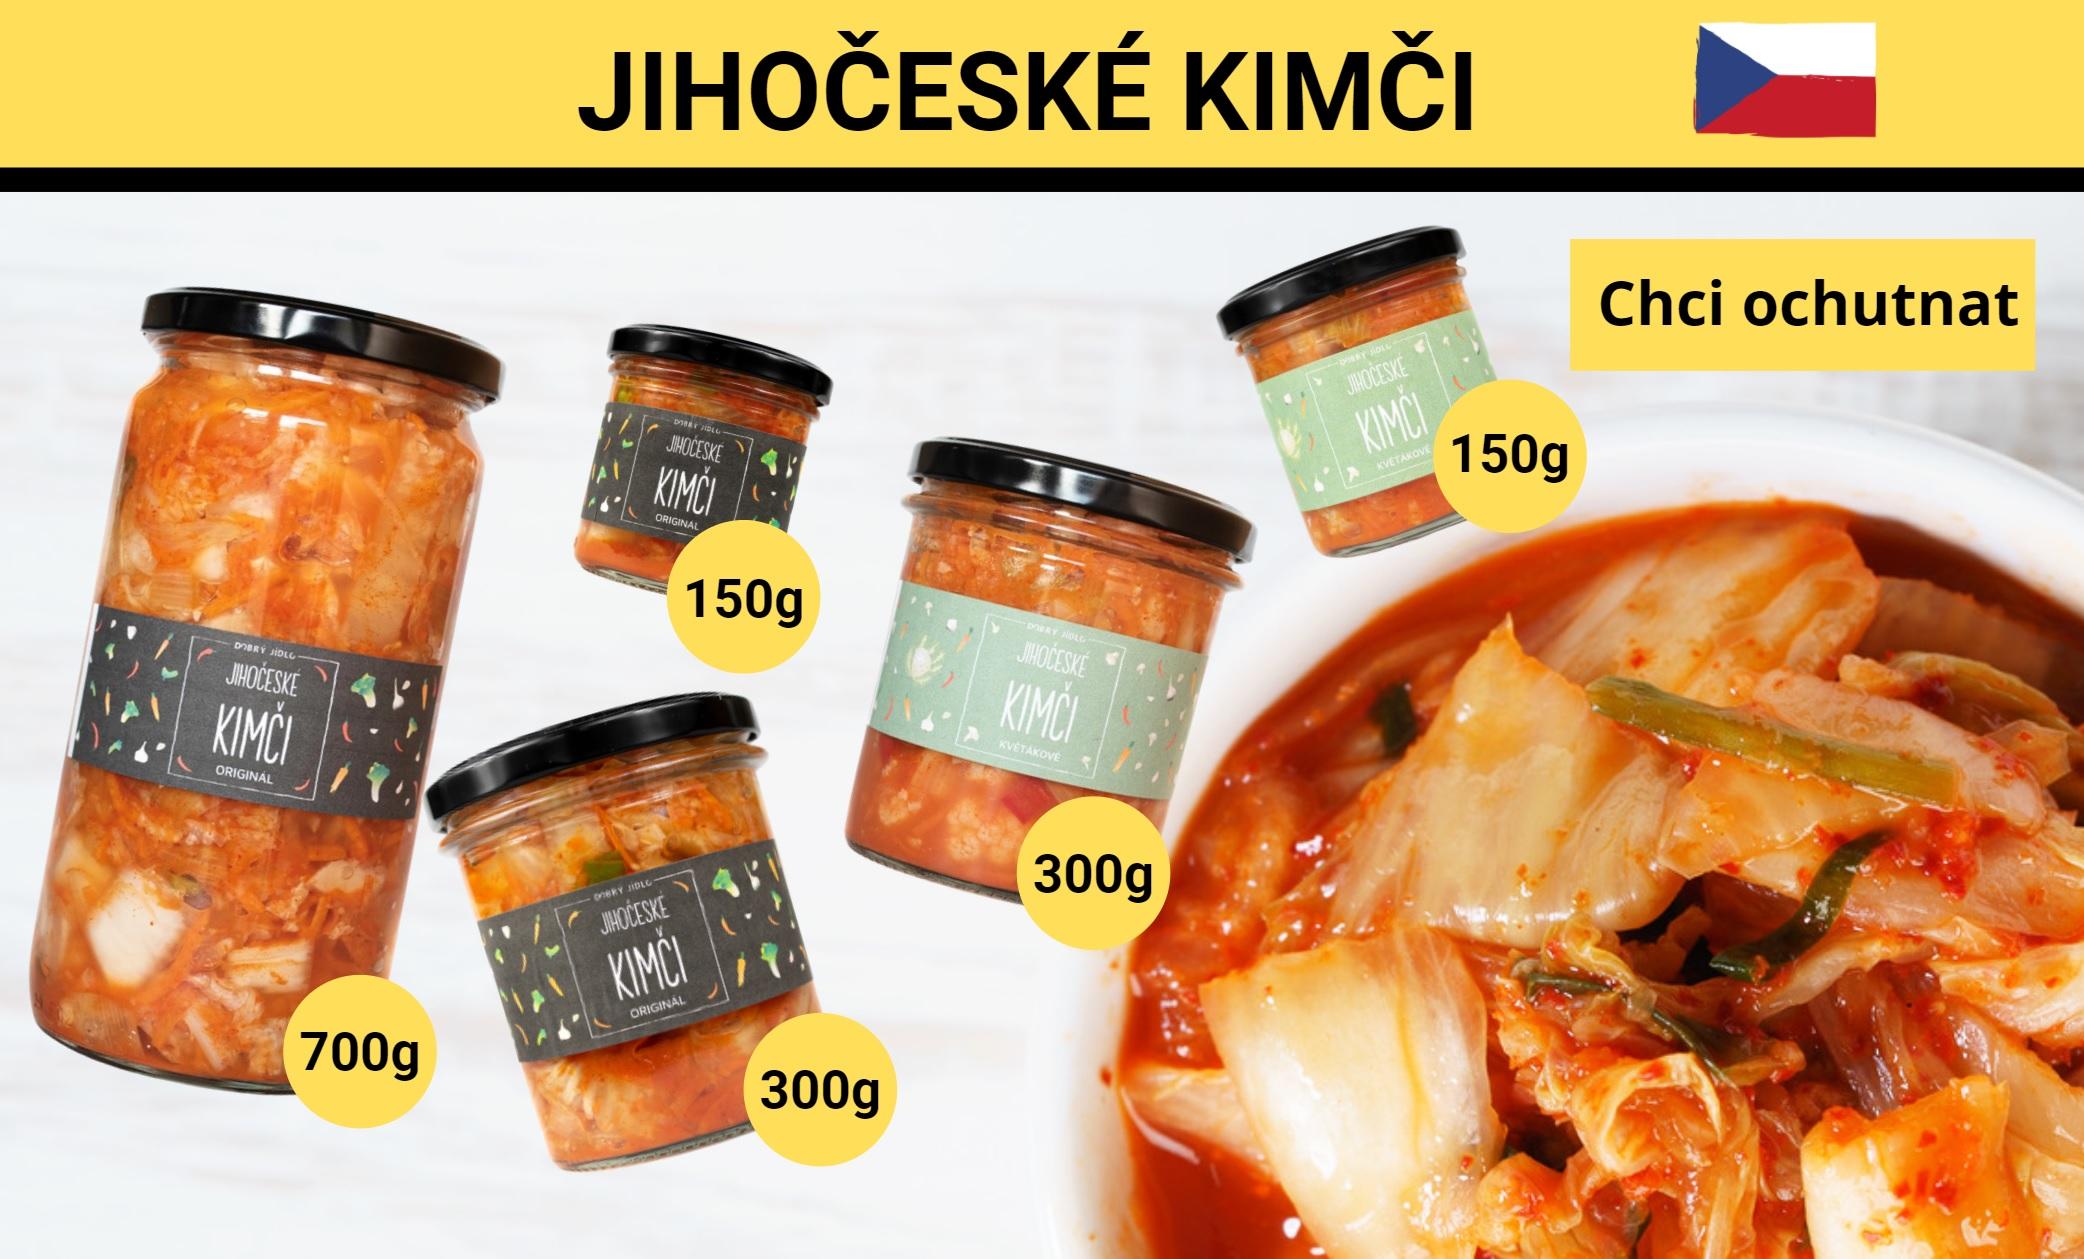 Jihočeské Kimchi